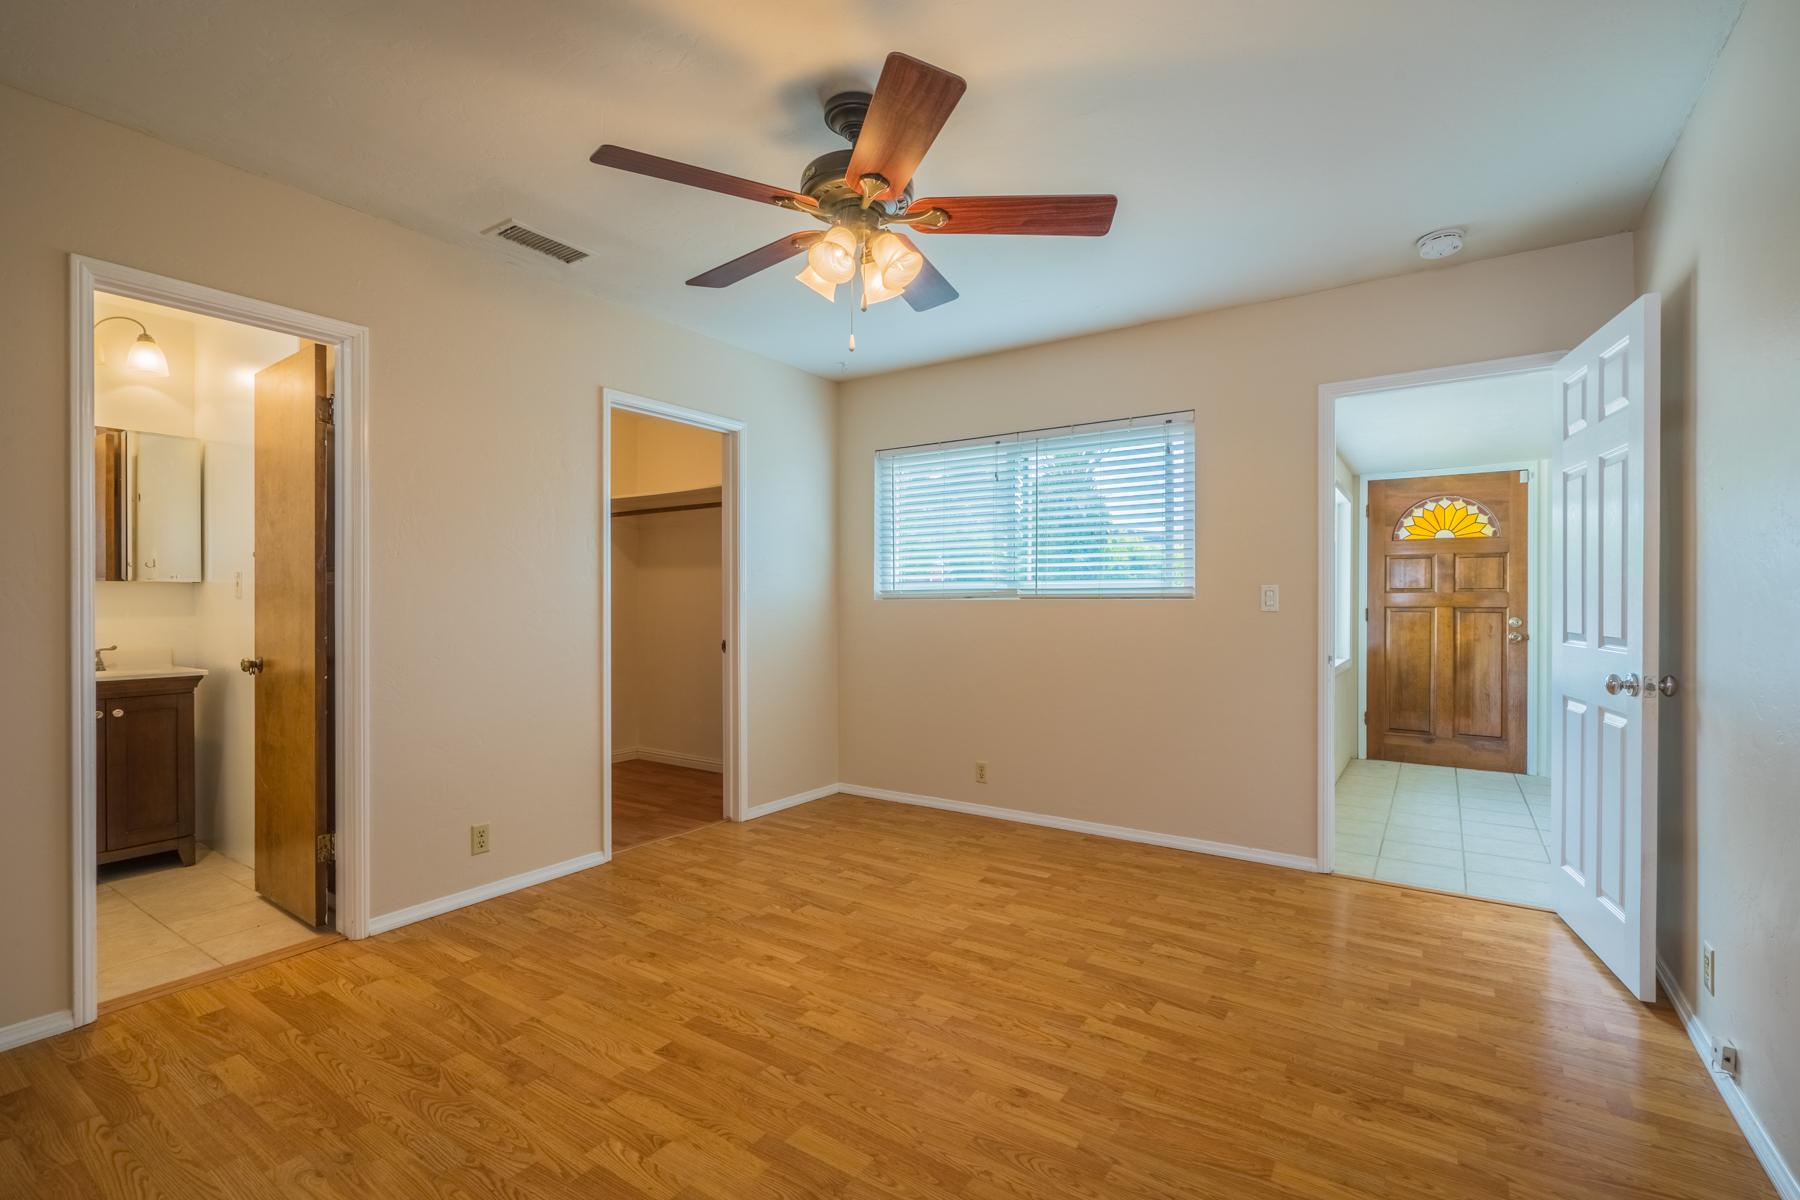 Частный односемейный дом для того Продажа на 7079 Neri 7079 Neri Drive La Mesa, Калифорния, 91942 Соединенные Штаты